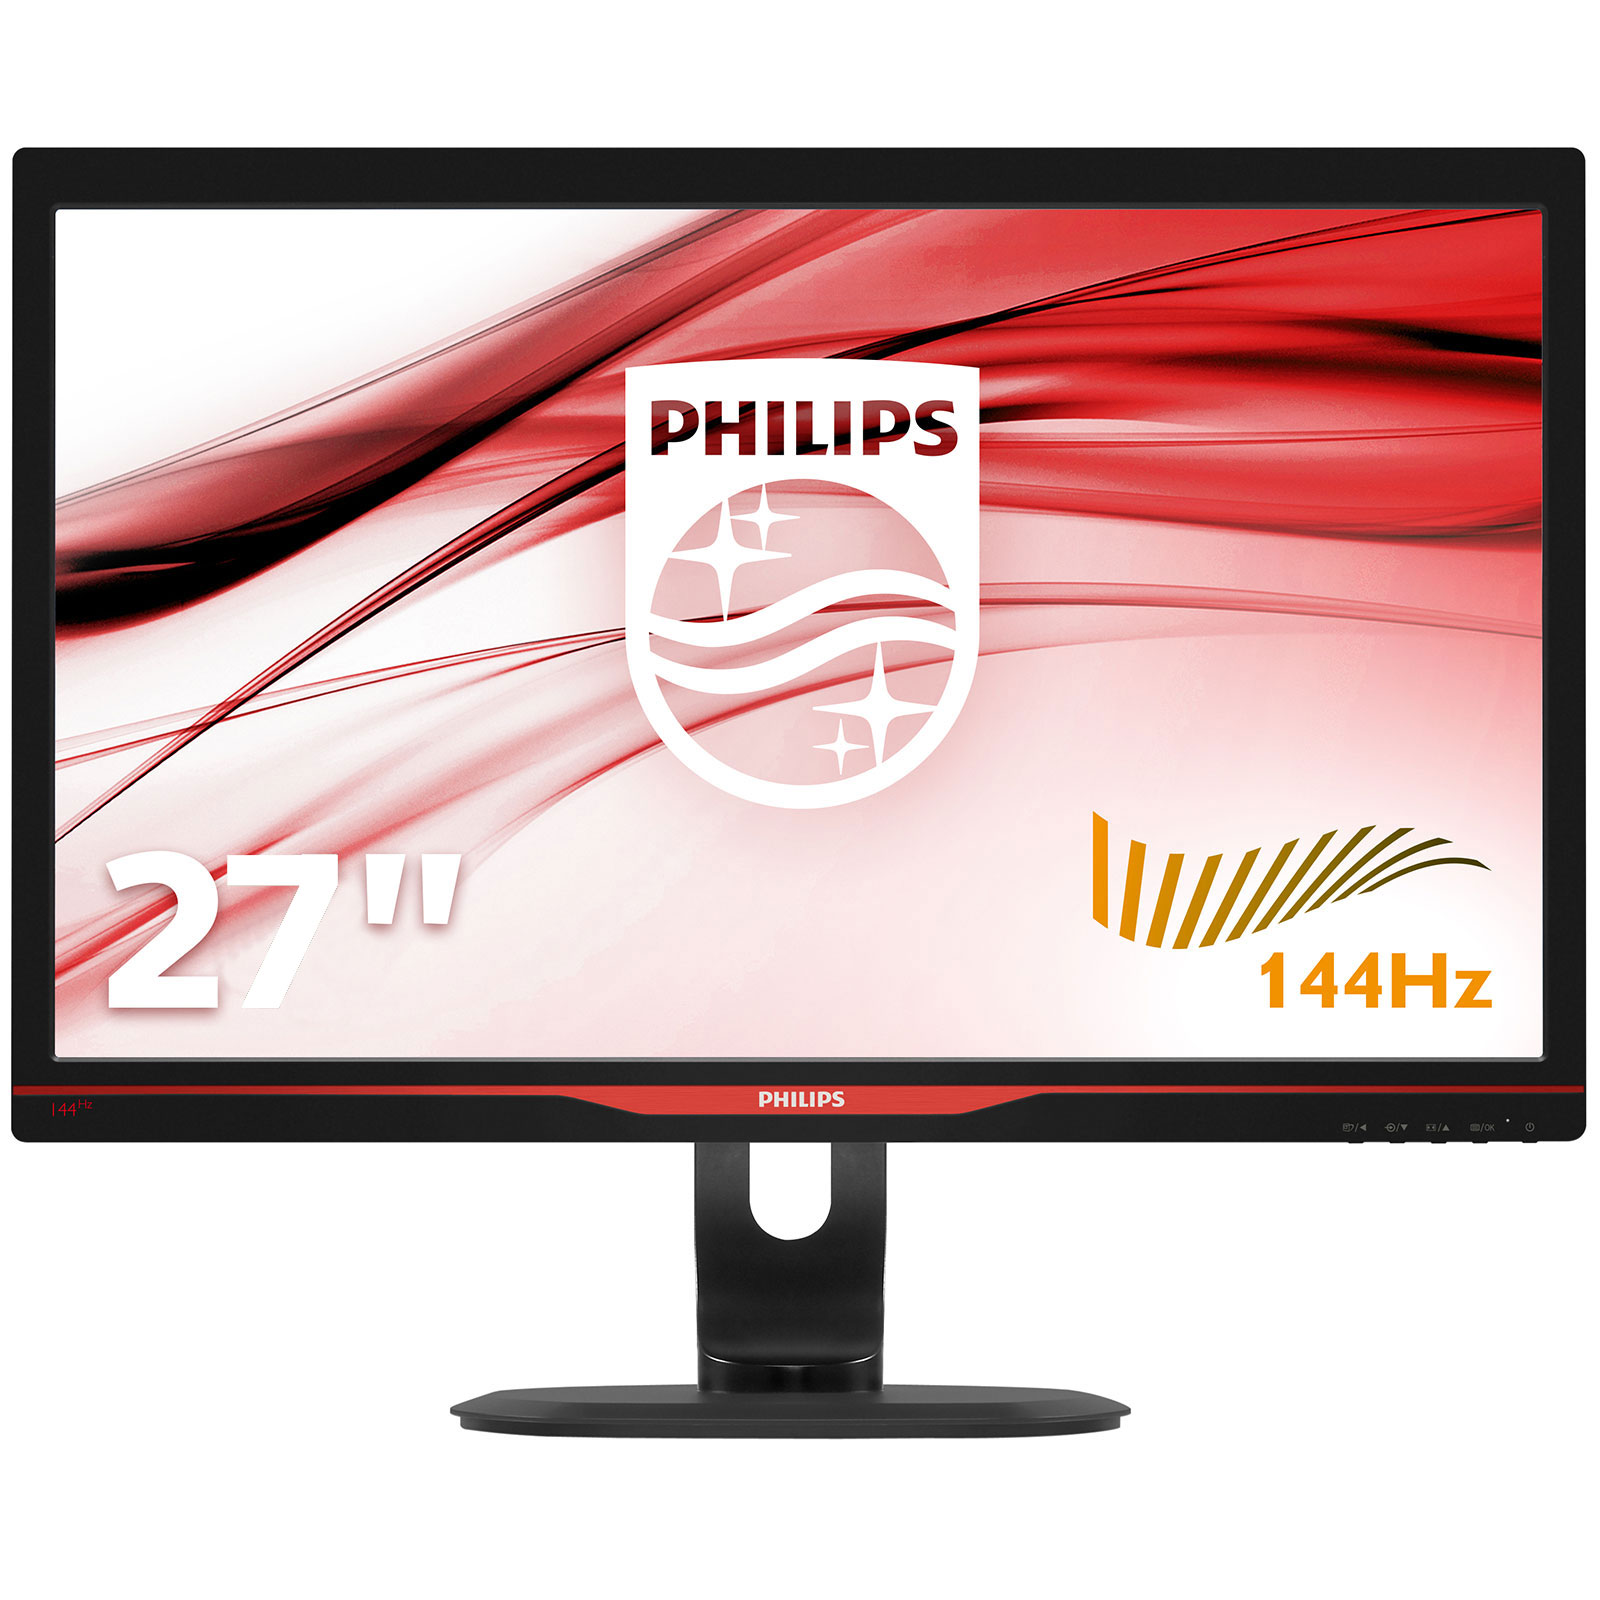 """Ecran PC Philips 27"""" LED - 272G5DJEB 1920 x 1080 pixels - 1 ms (gris à gris) - Format large 16/9 - 144 Hz - DisplayPort - HDMI - Pivot - Hub USB 3.0 - Noir"""